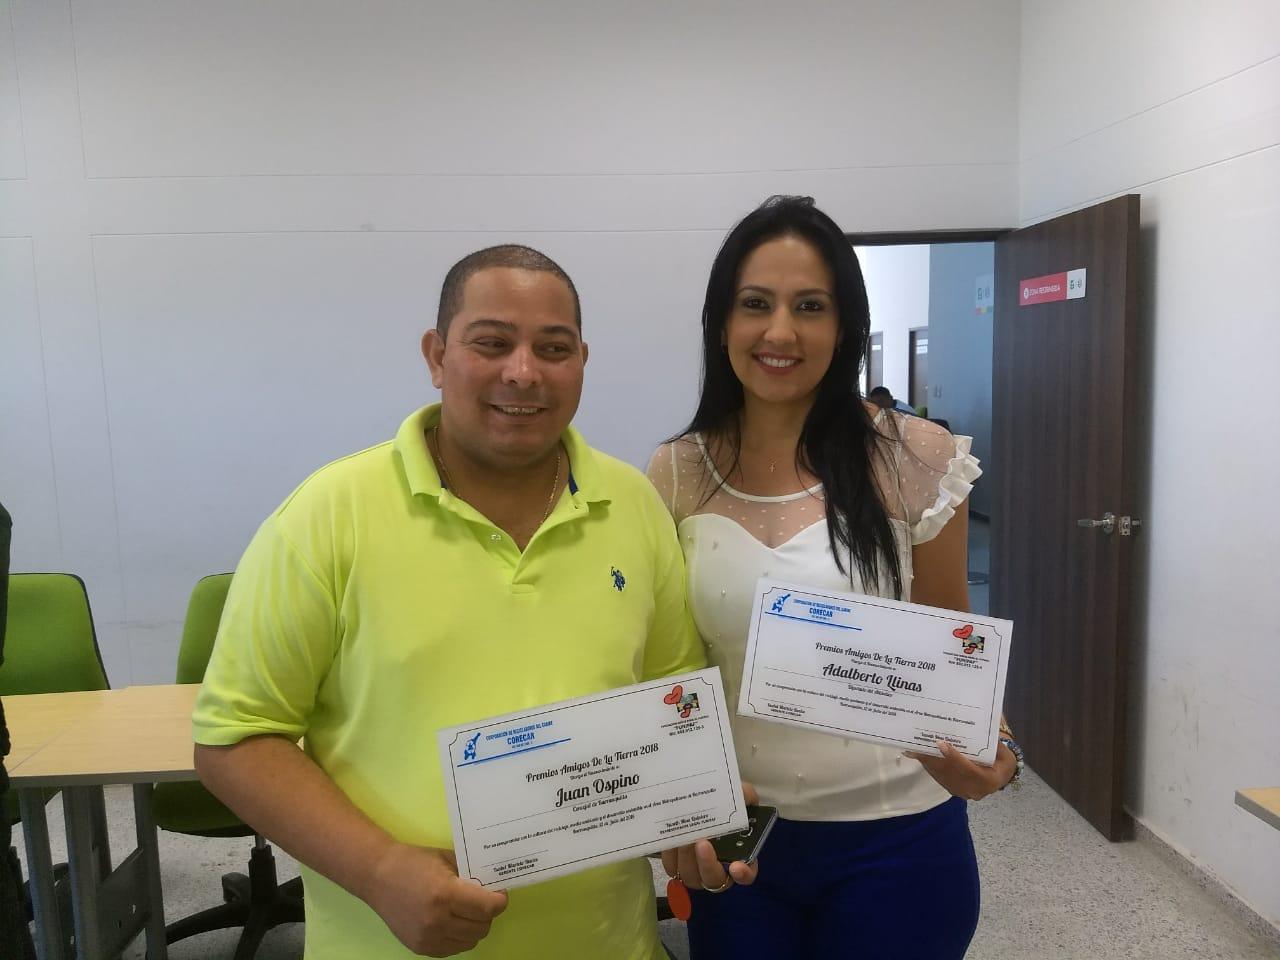 Concejal Juan Ospino Recibe premio Amigos de la tierra 2018